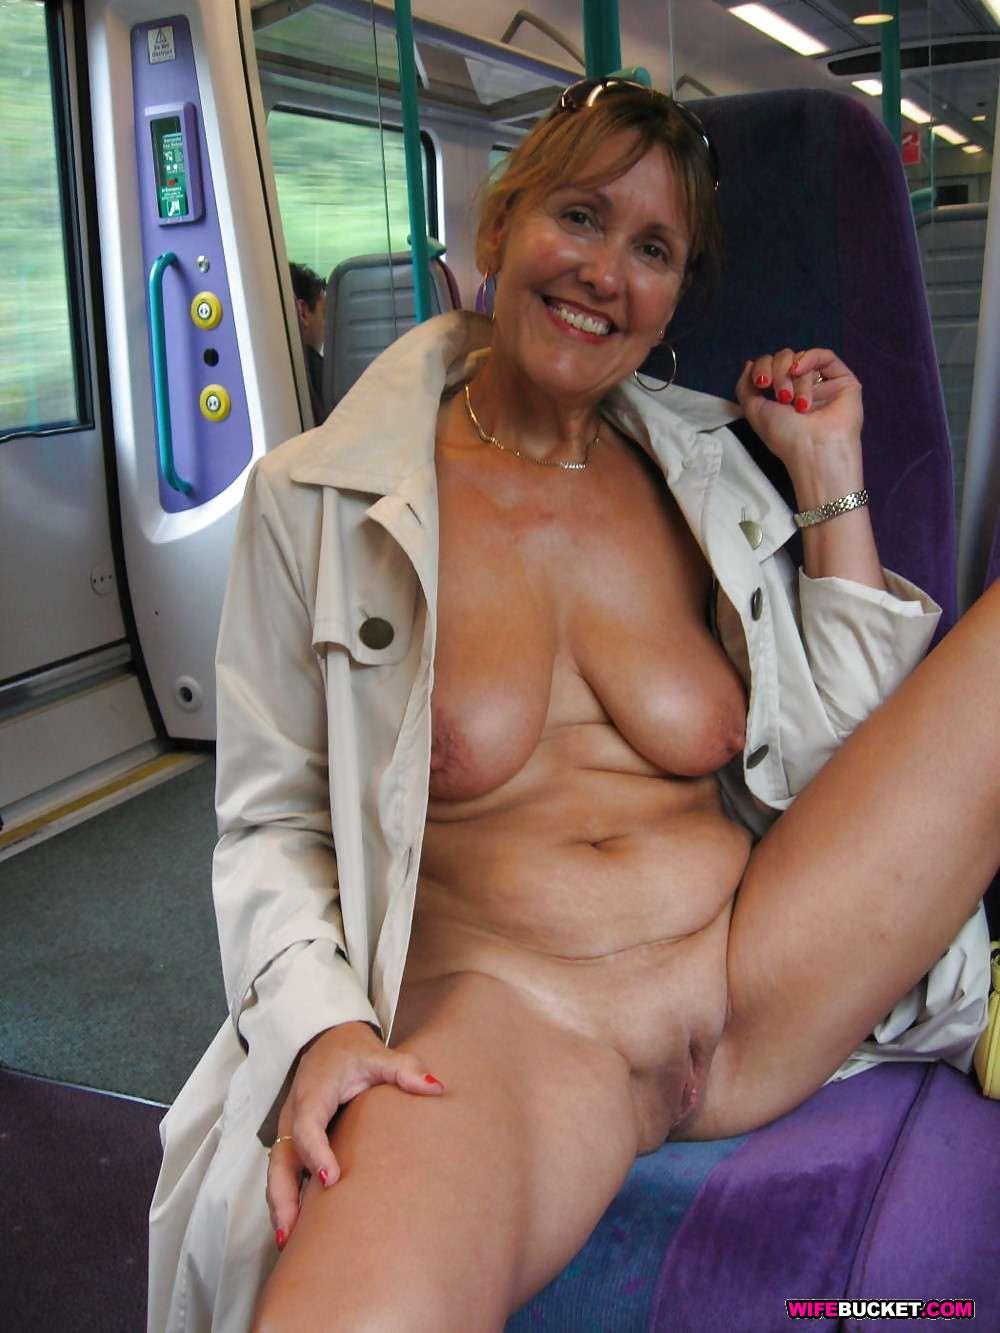 Русские зрелые женщины порно фото пенсионерки 18 фотография